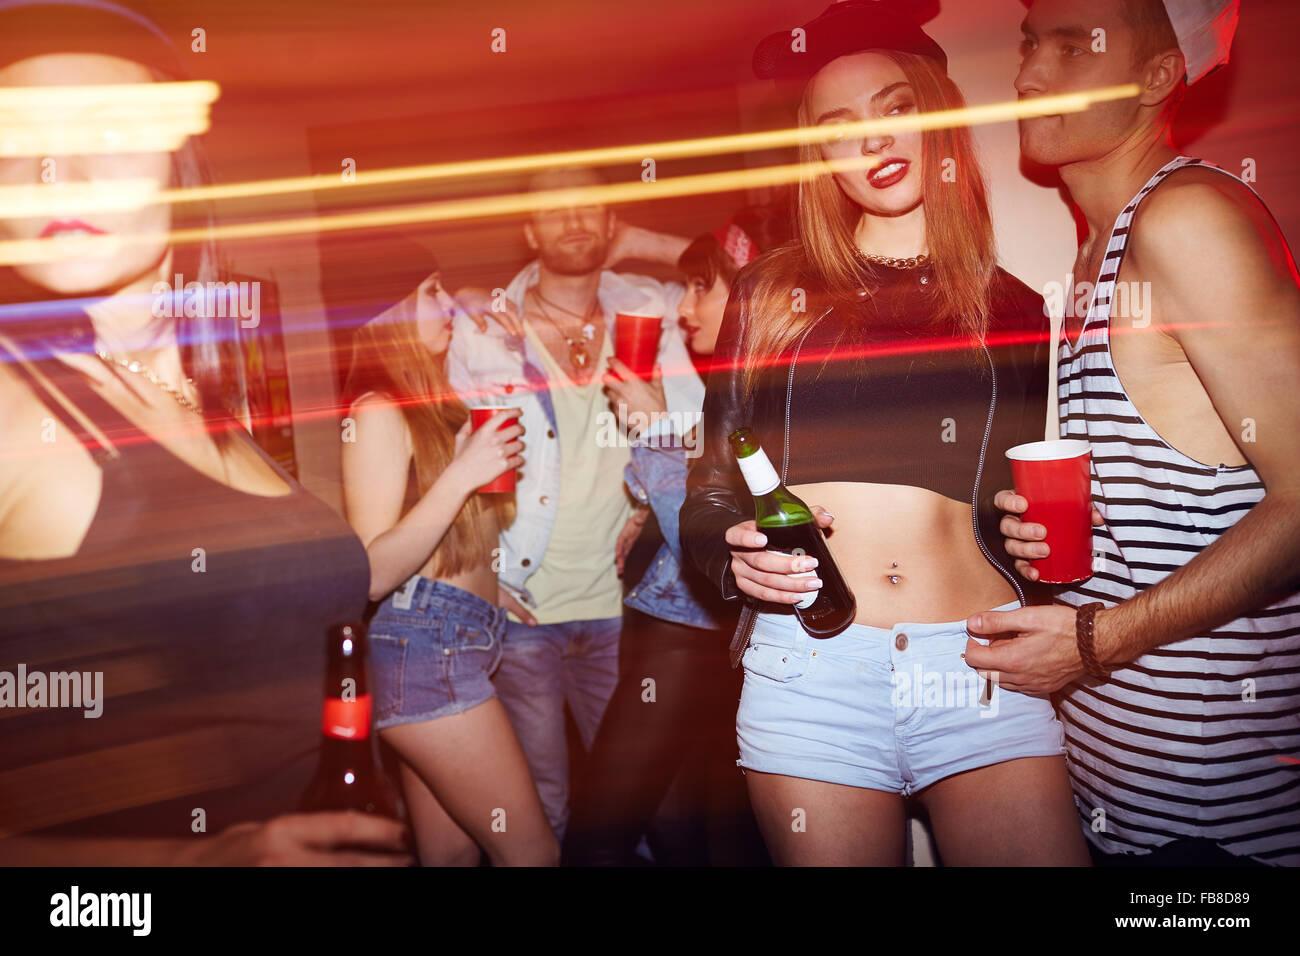 Jugendliche mit Getränken entspannen auf Party in der Bar Stockbild